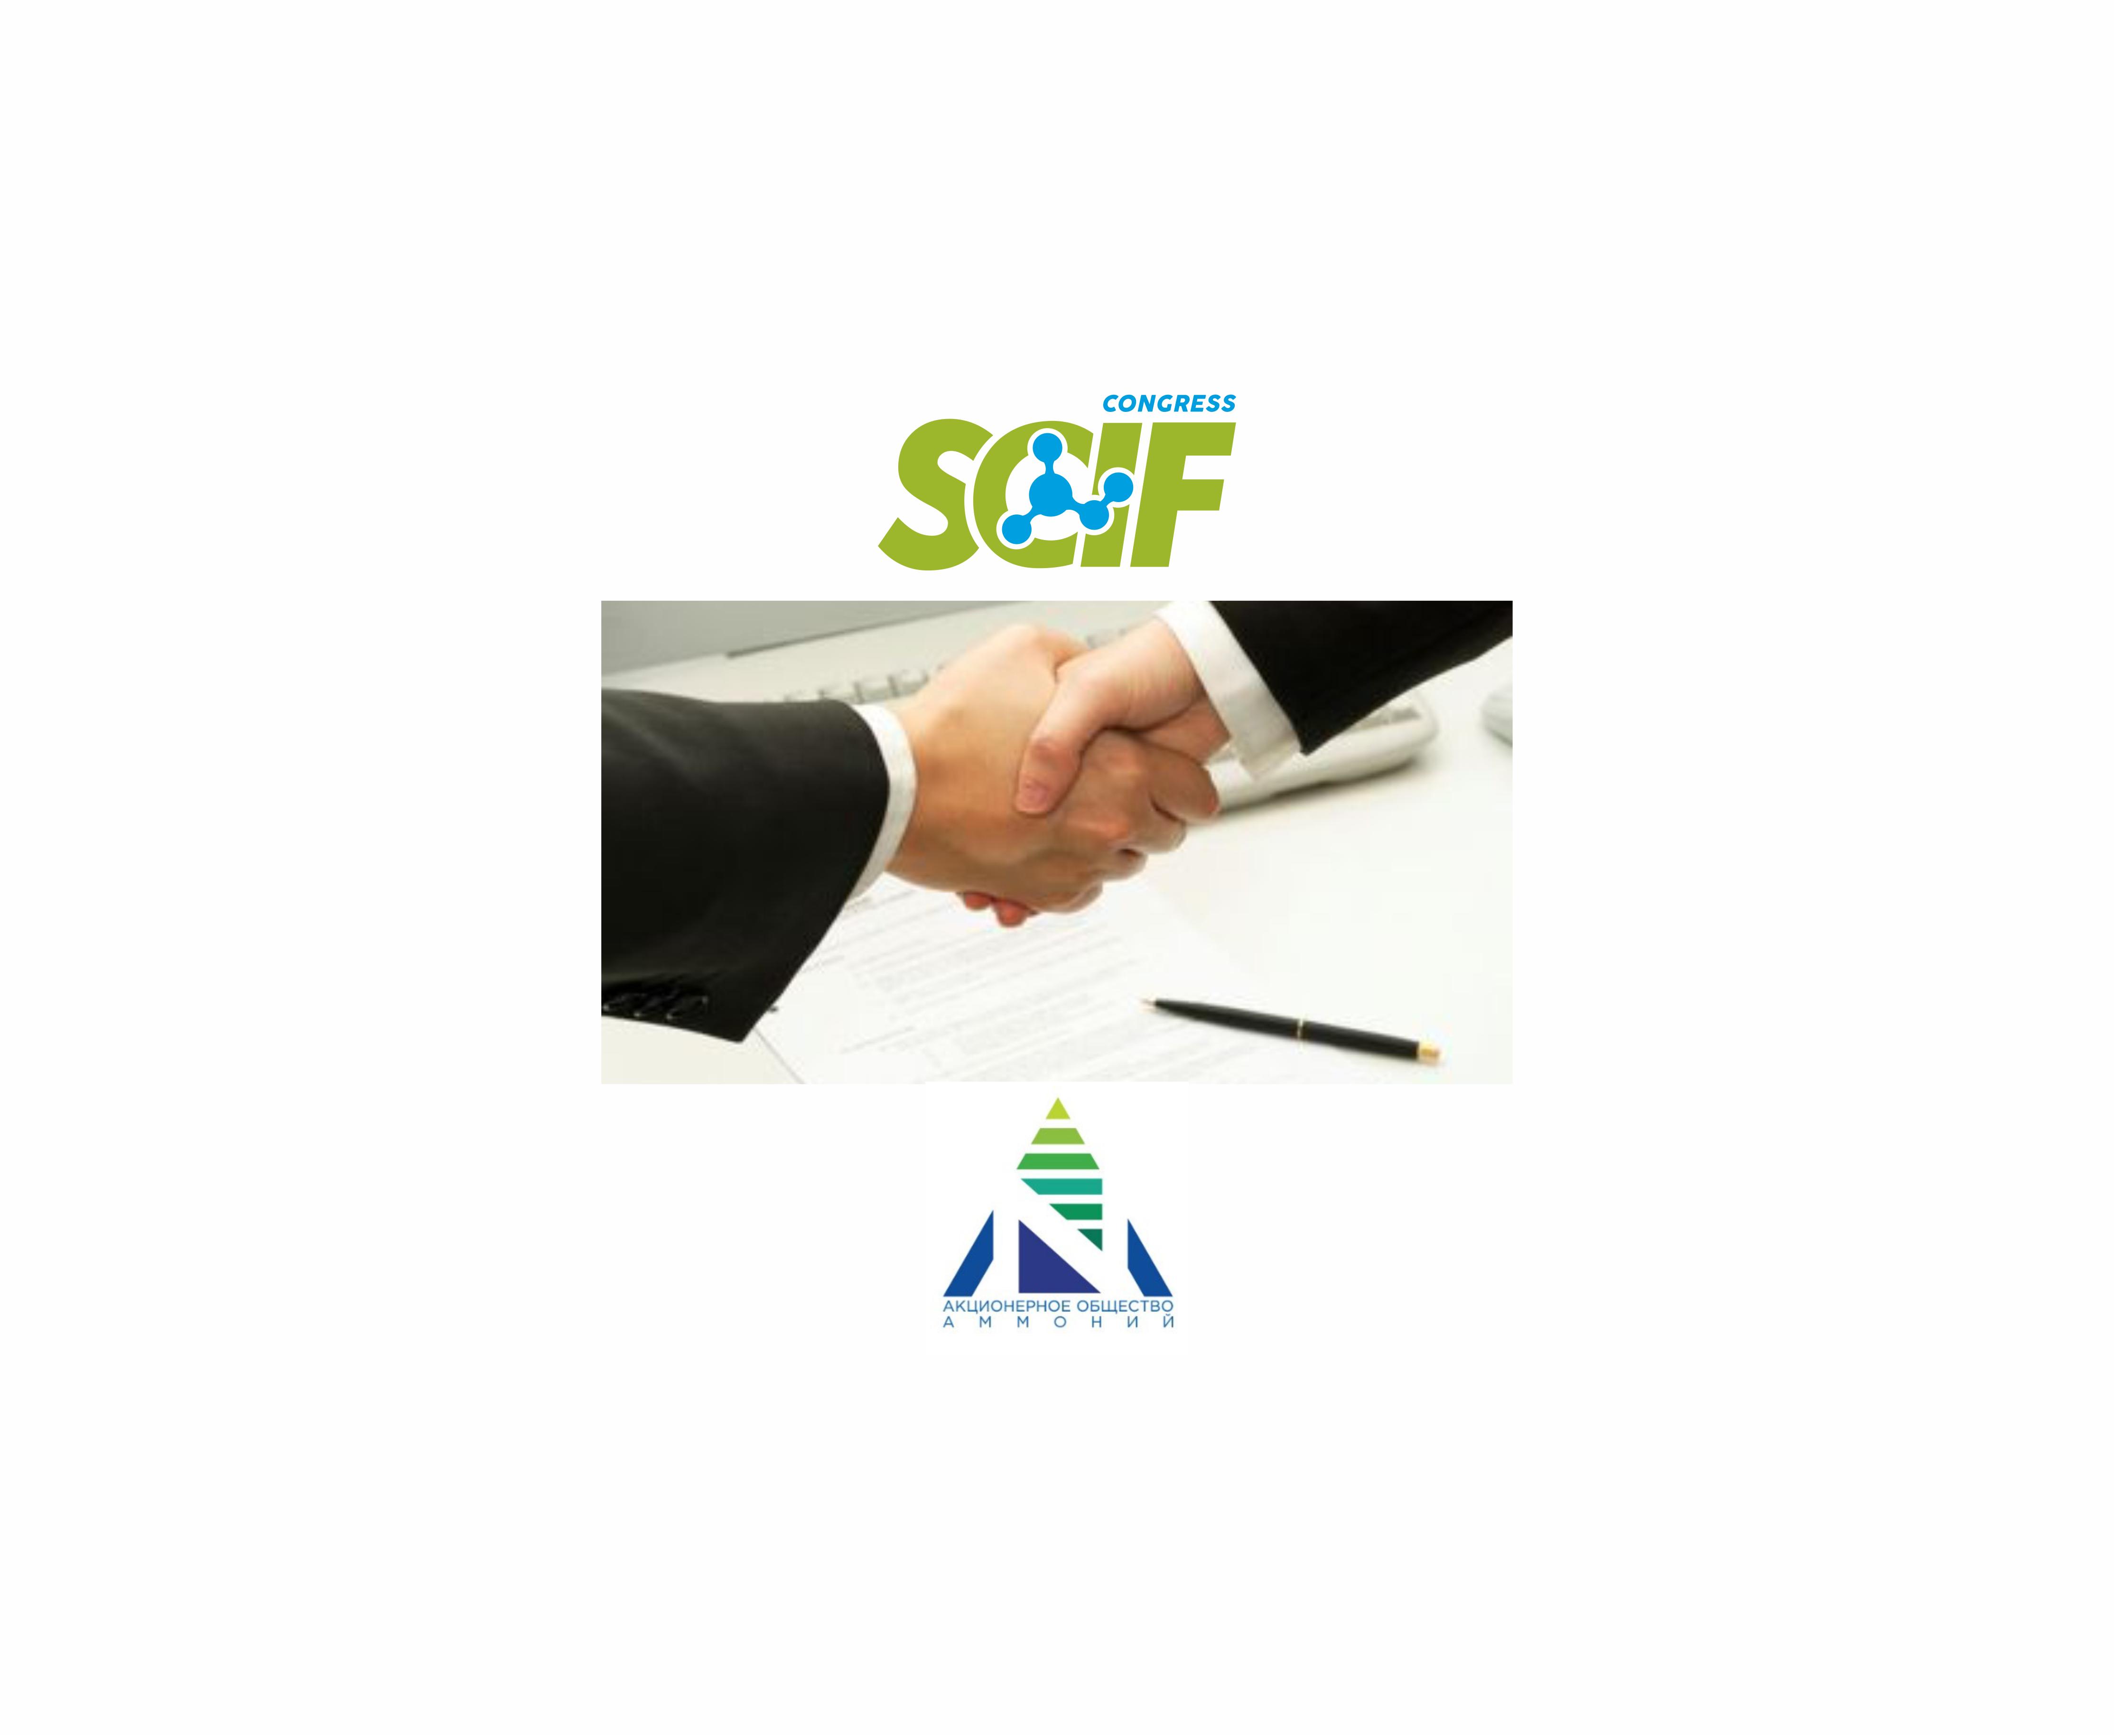 Подписан МЕМОРАНДУМ о сотрудничестве и взаимодействии  между SCIF Congress и АО «Аммоний»